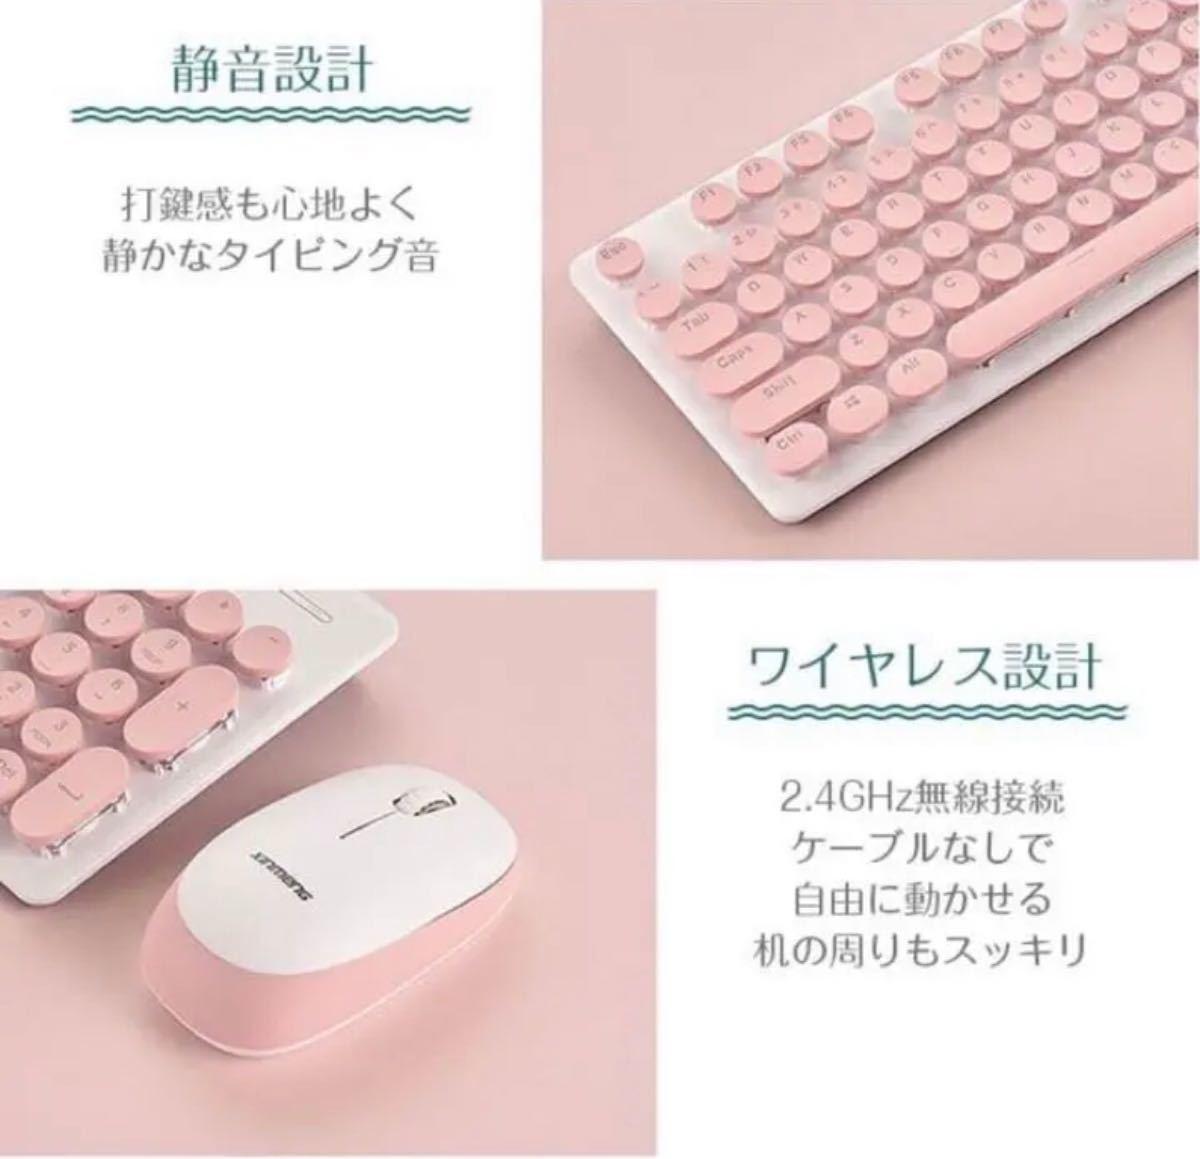 キーボードマウスセット  ワイヤレス 無線 USBレシーバー 新品未使用